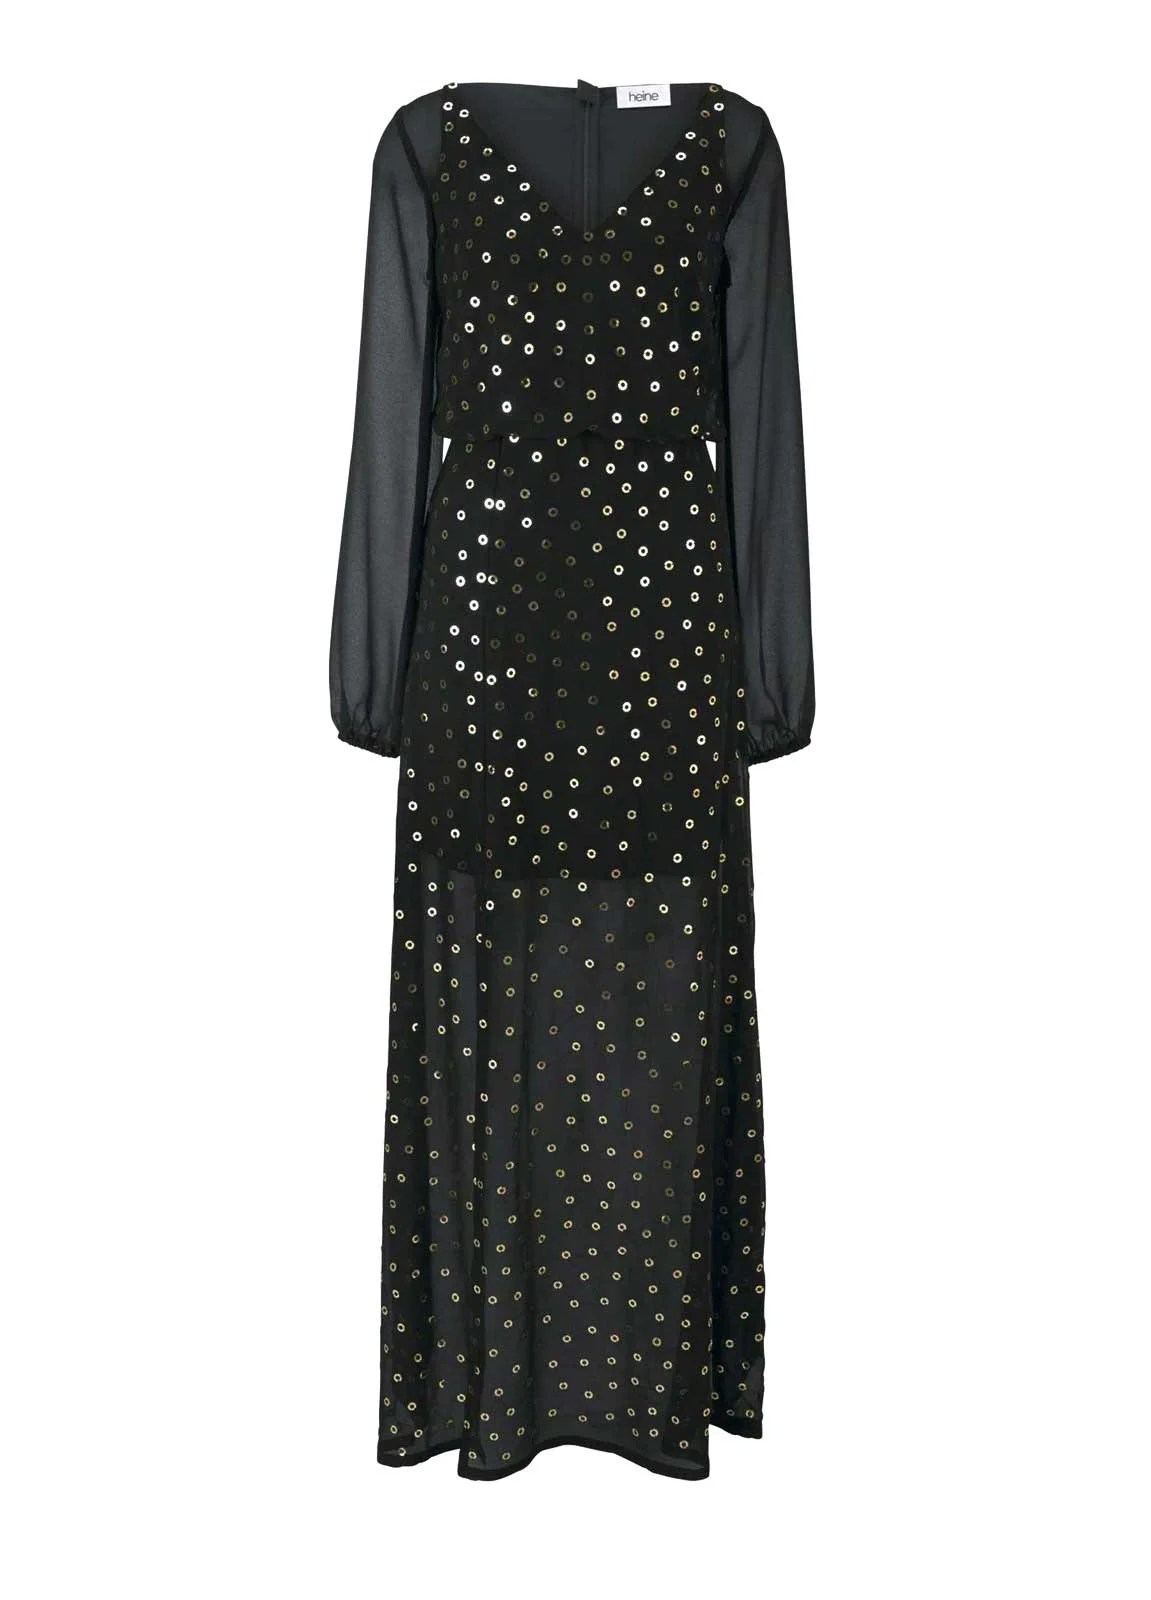 Festmoden HEINE Damen Designer-Abendkleid m. Pailletten Schwarz 258.759 Missforty